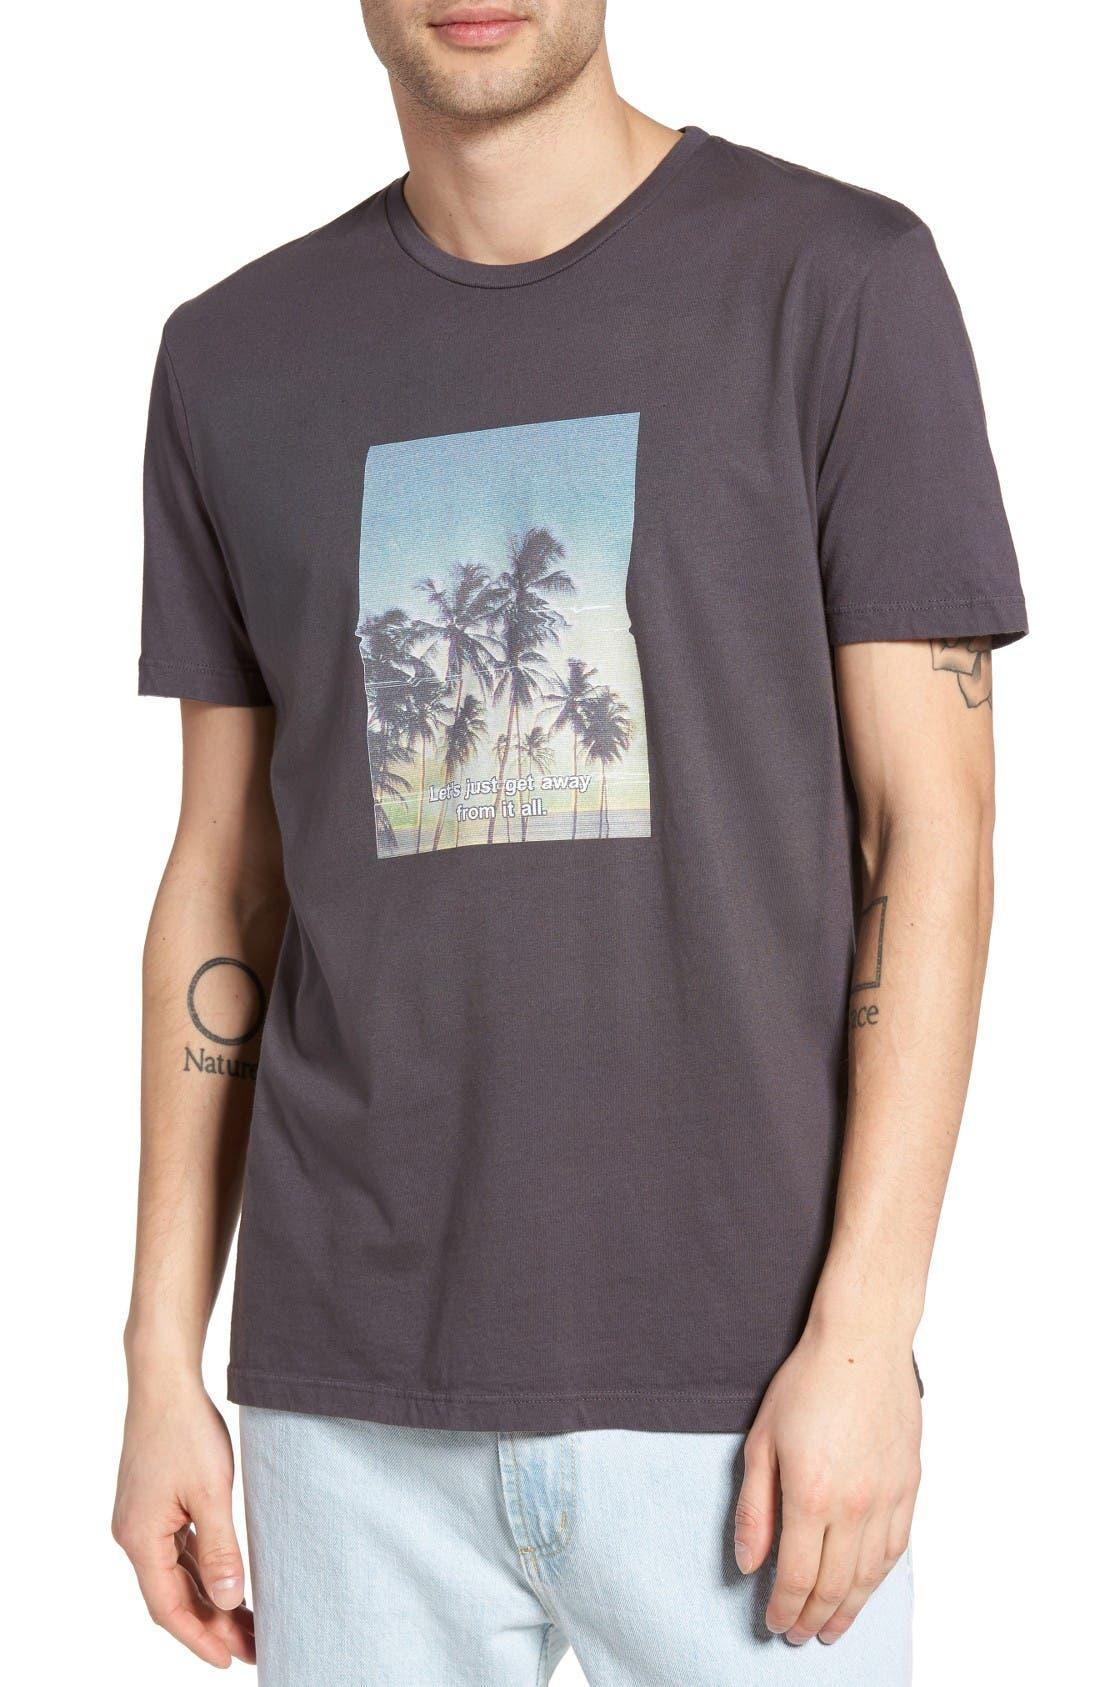 Altru Let's Just Get Away Graphic T-Shirt